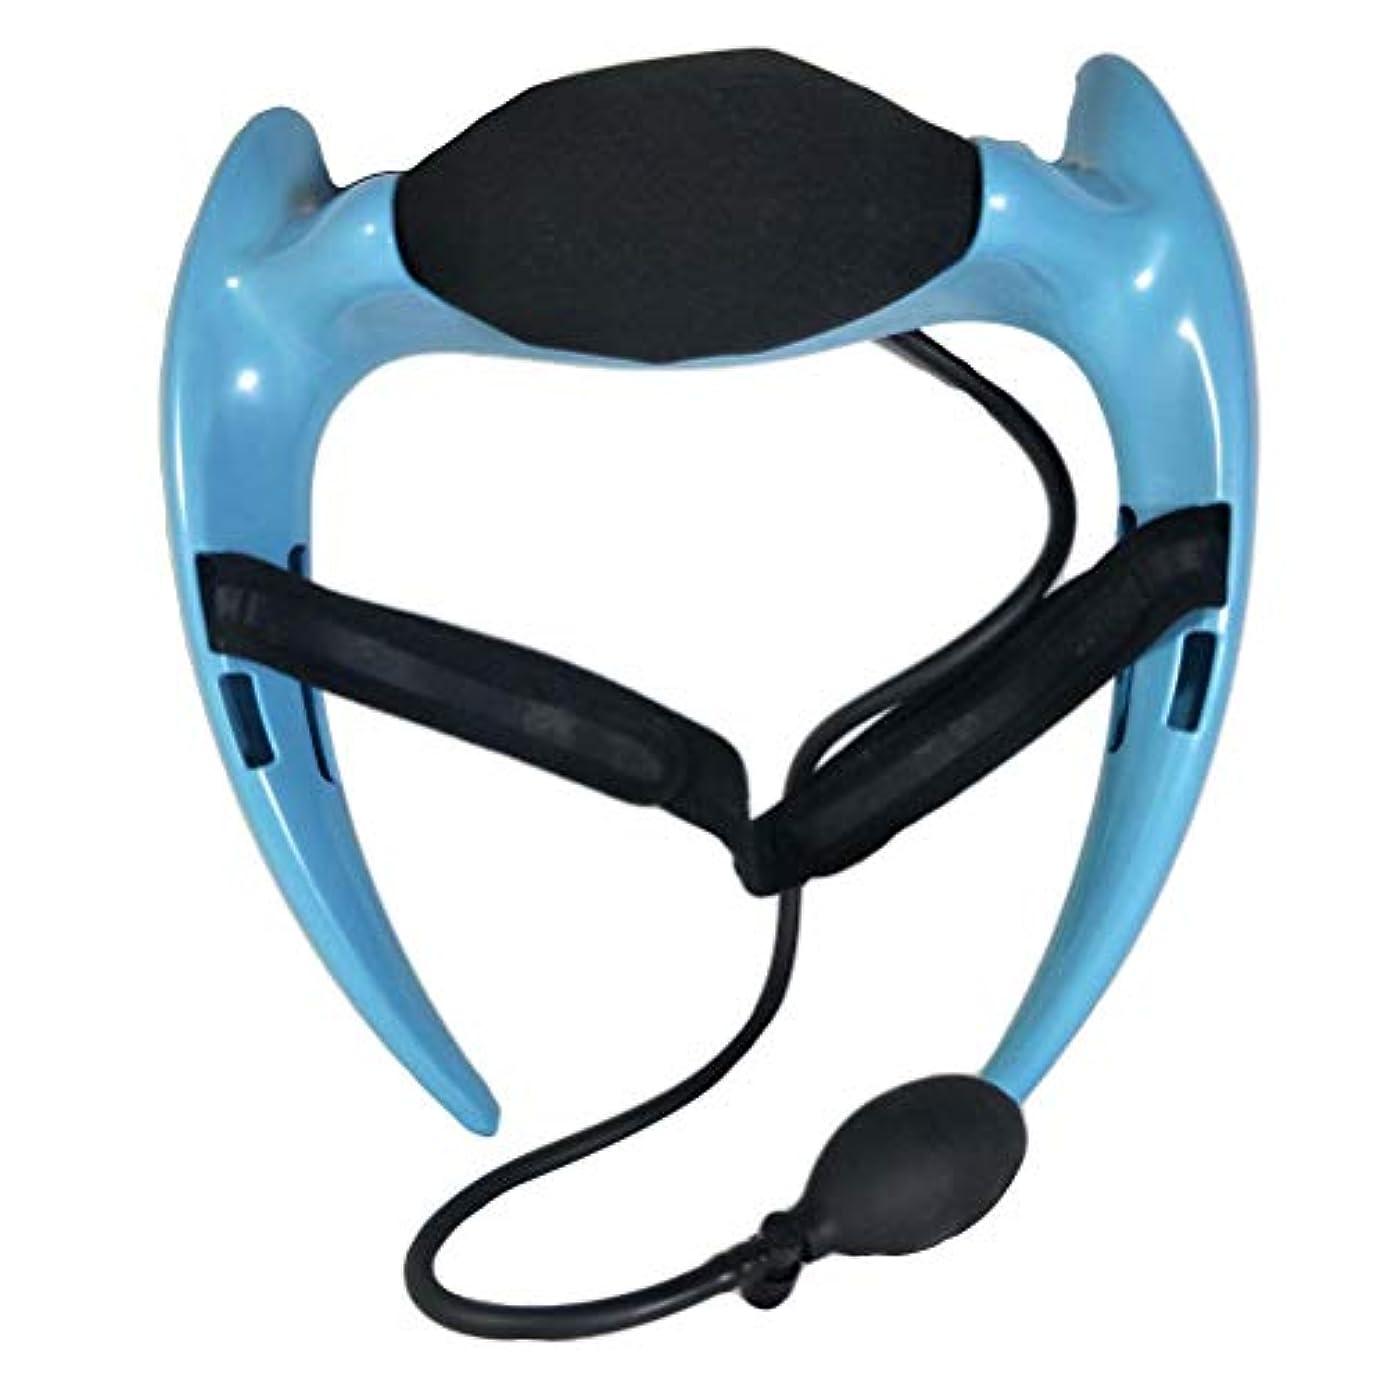 アクティブ正確に労苦HEALLILY 傷害のための膨脹可能な首の牽引装置首サポート牽引